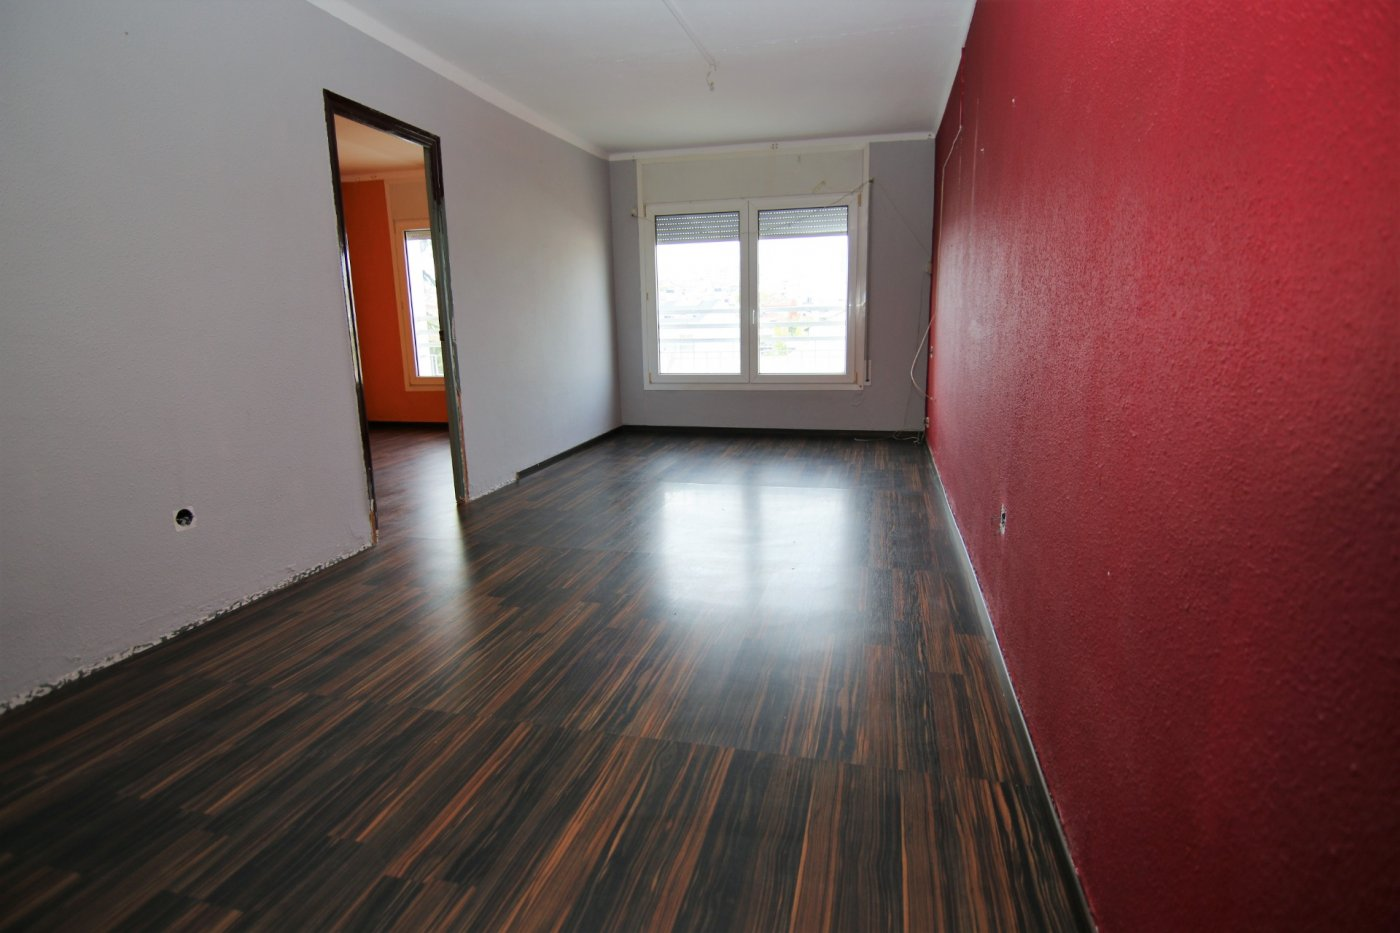 Piso  Igualada ,centre. Se vende piso en igualada, zona centro